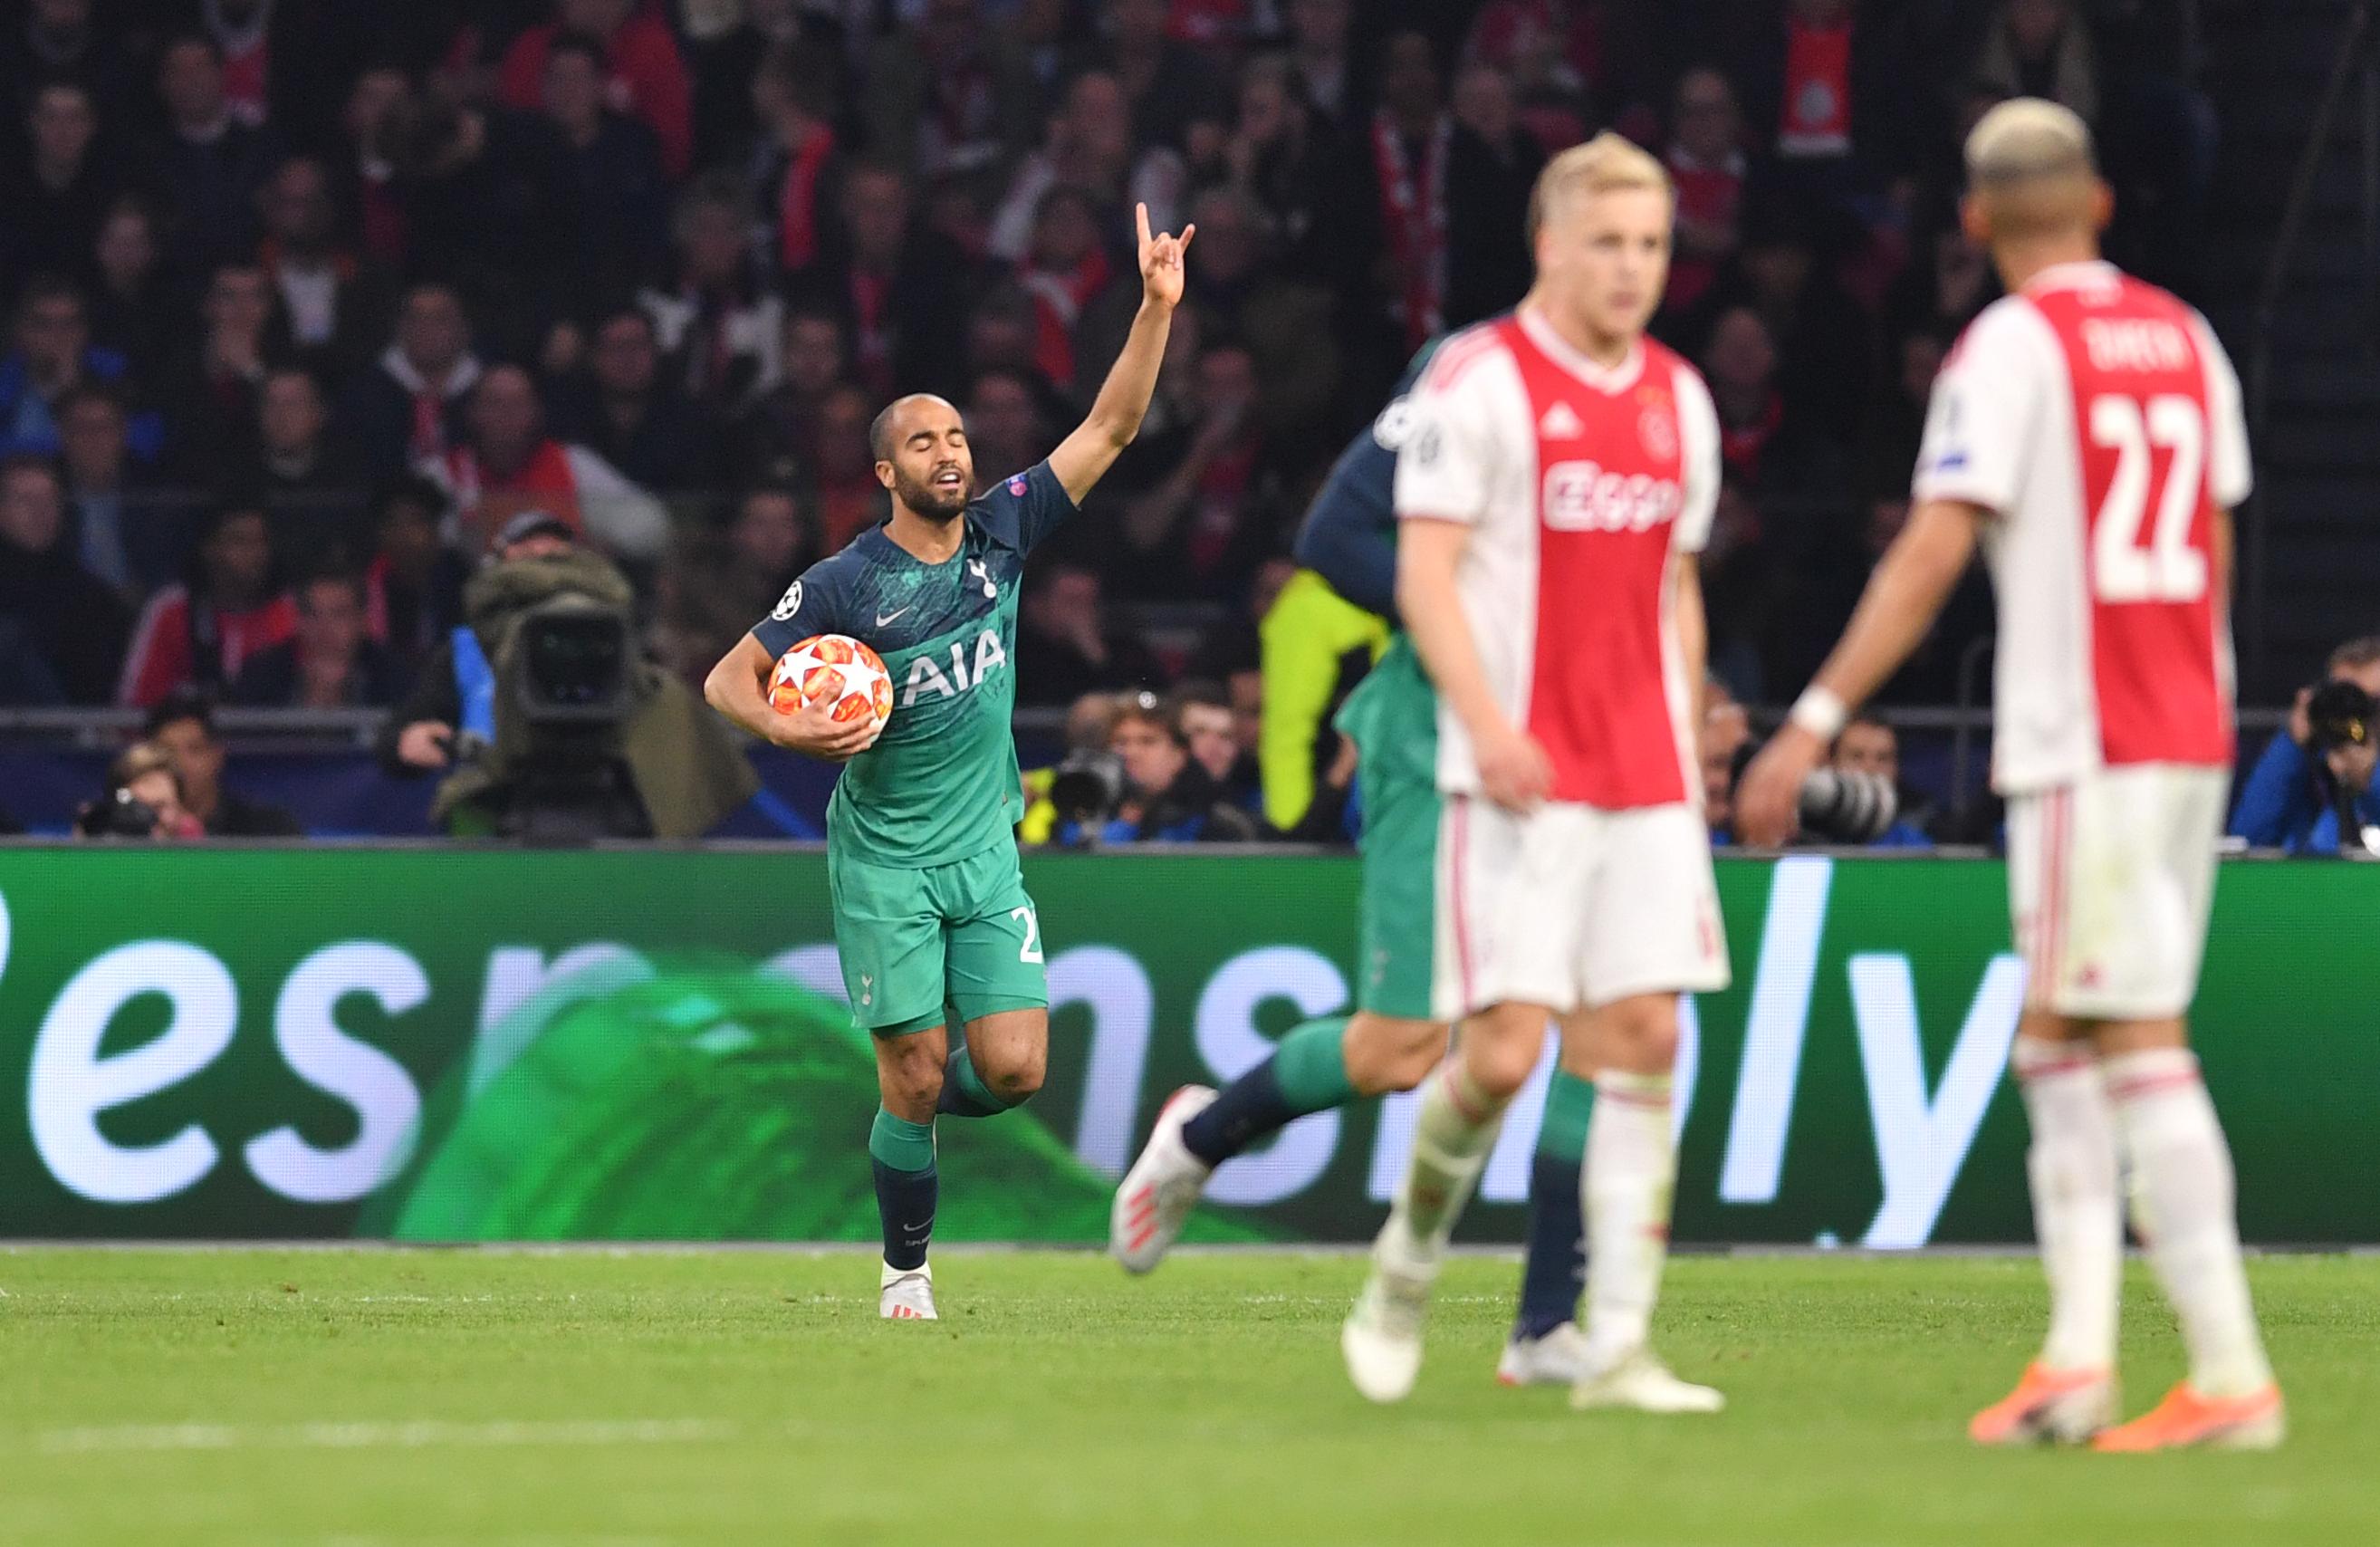 Elképesztő meccsen jutott a BL-döntőbe a Tottenham